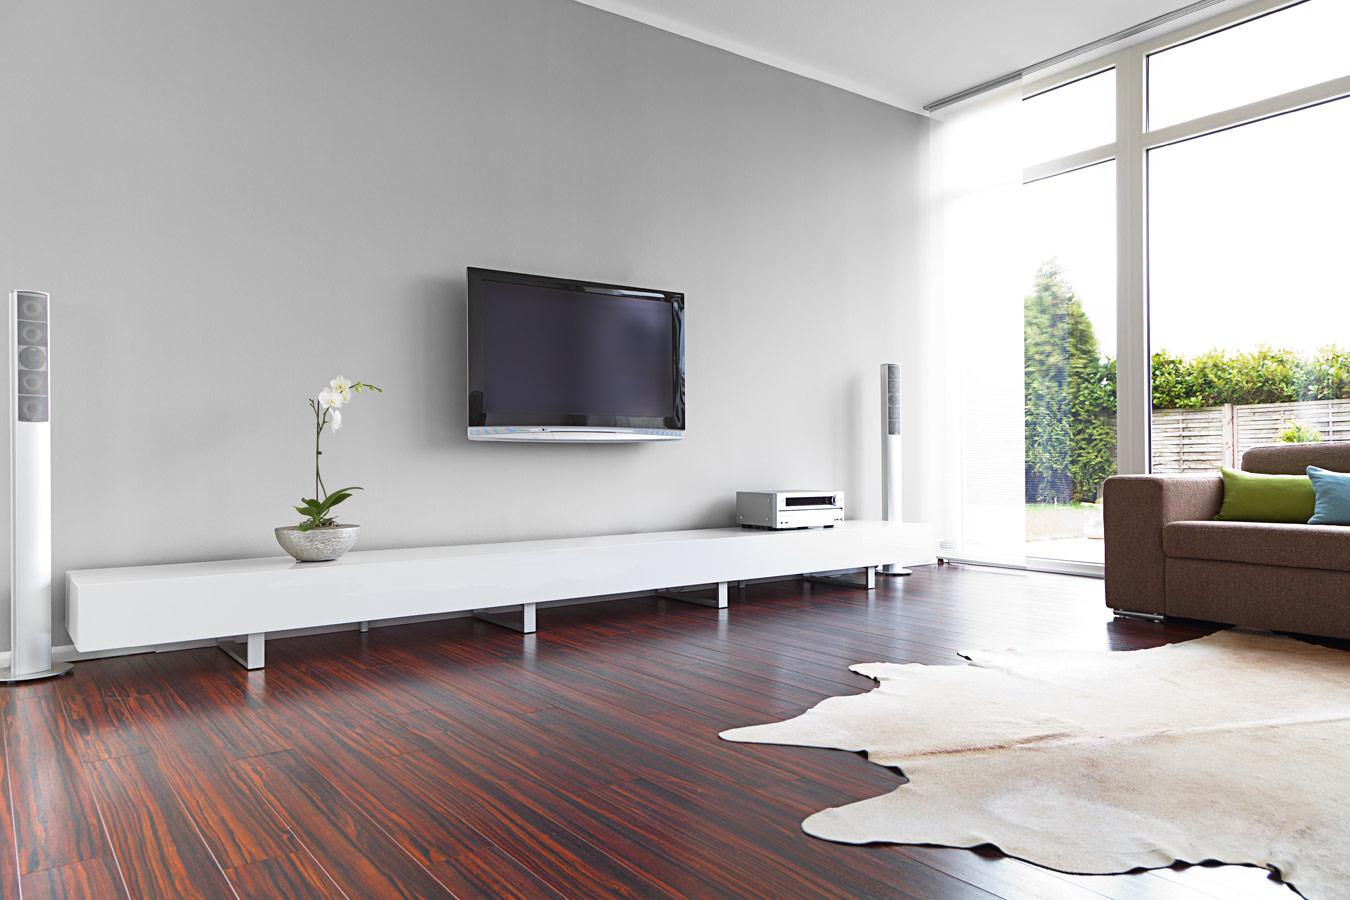 Landelijke vloeren thuiskomen in stijl